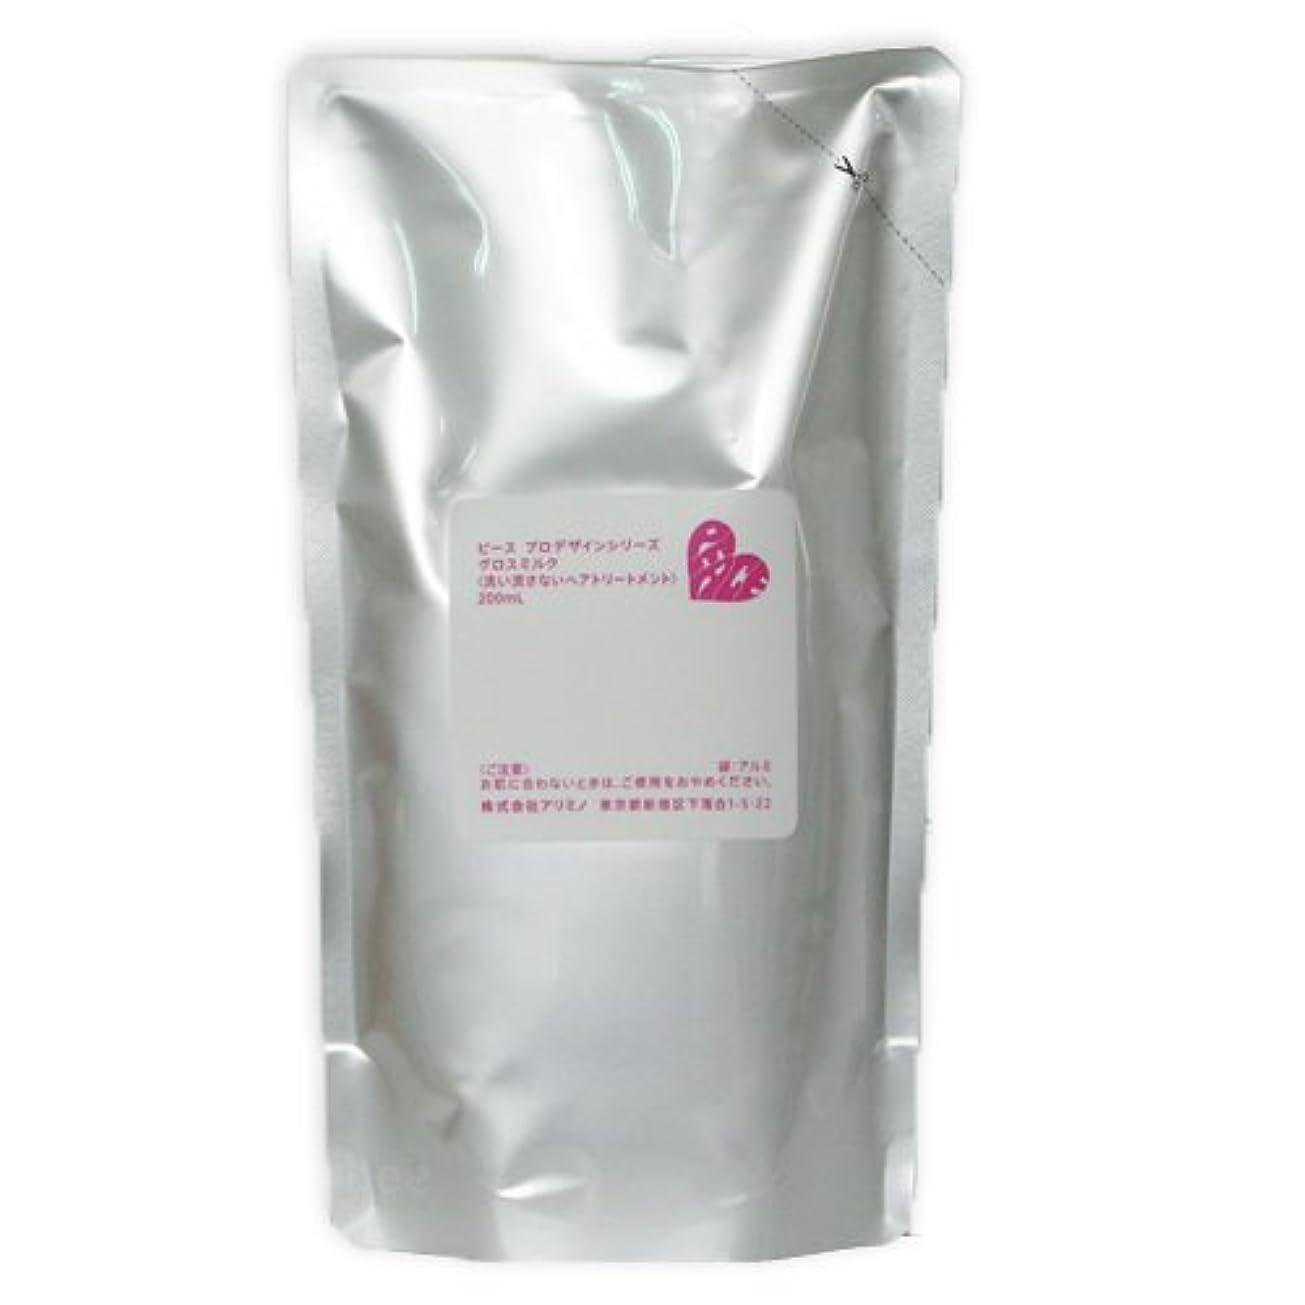 デクリメント醜い商業のアリミノ ピース グロスミルク ホワイト 200mL 詰め替え リフィル